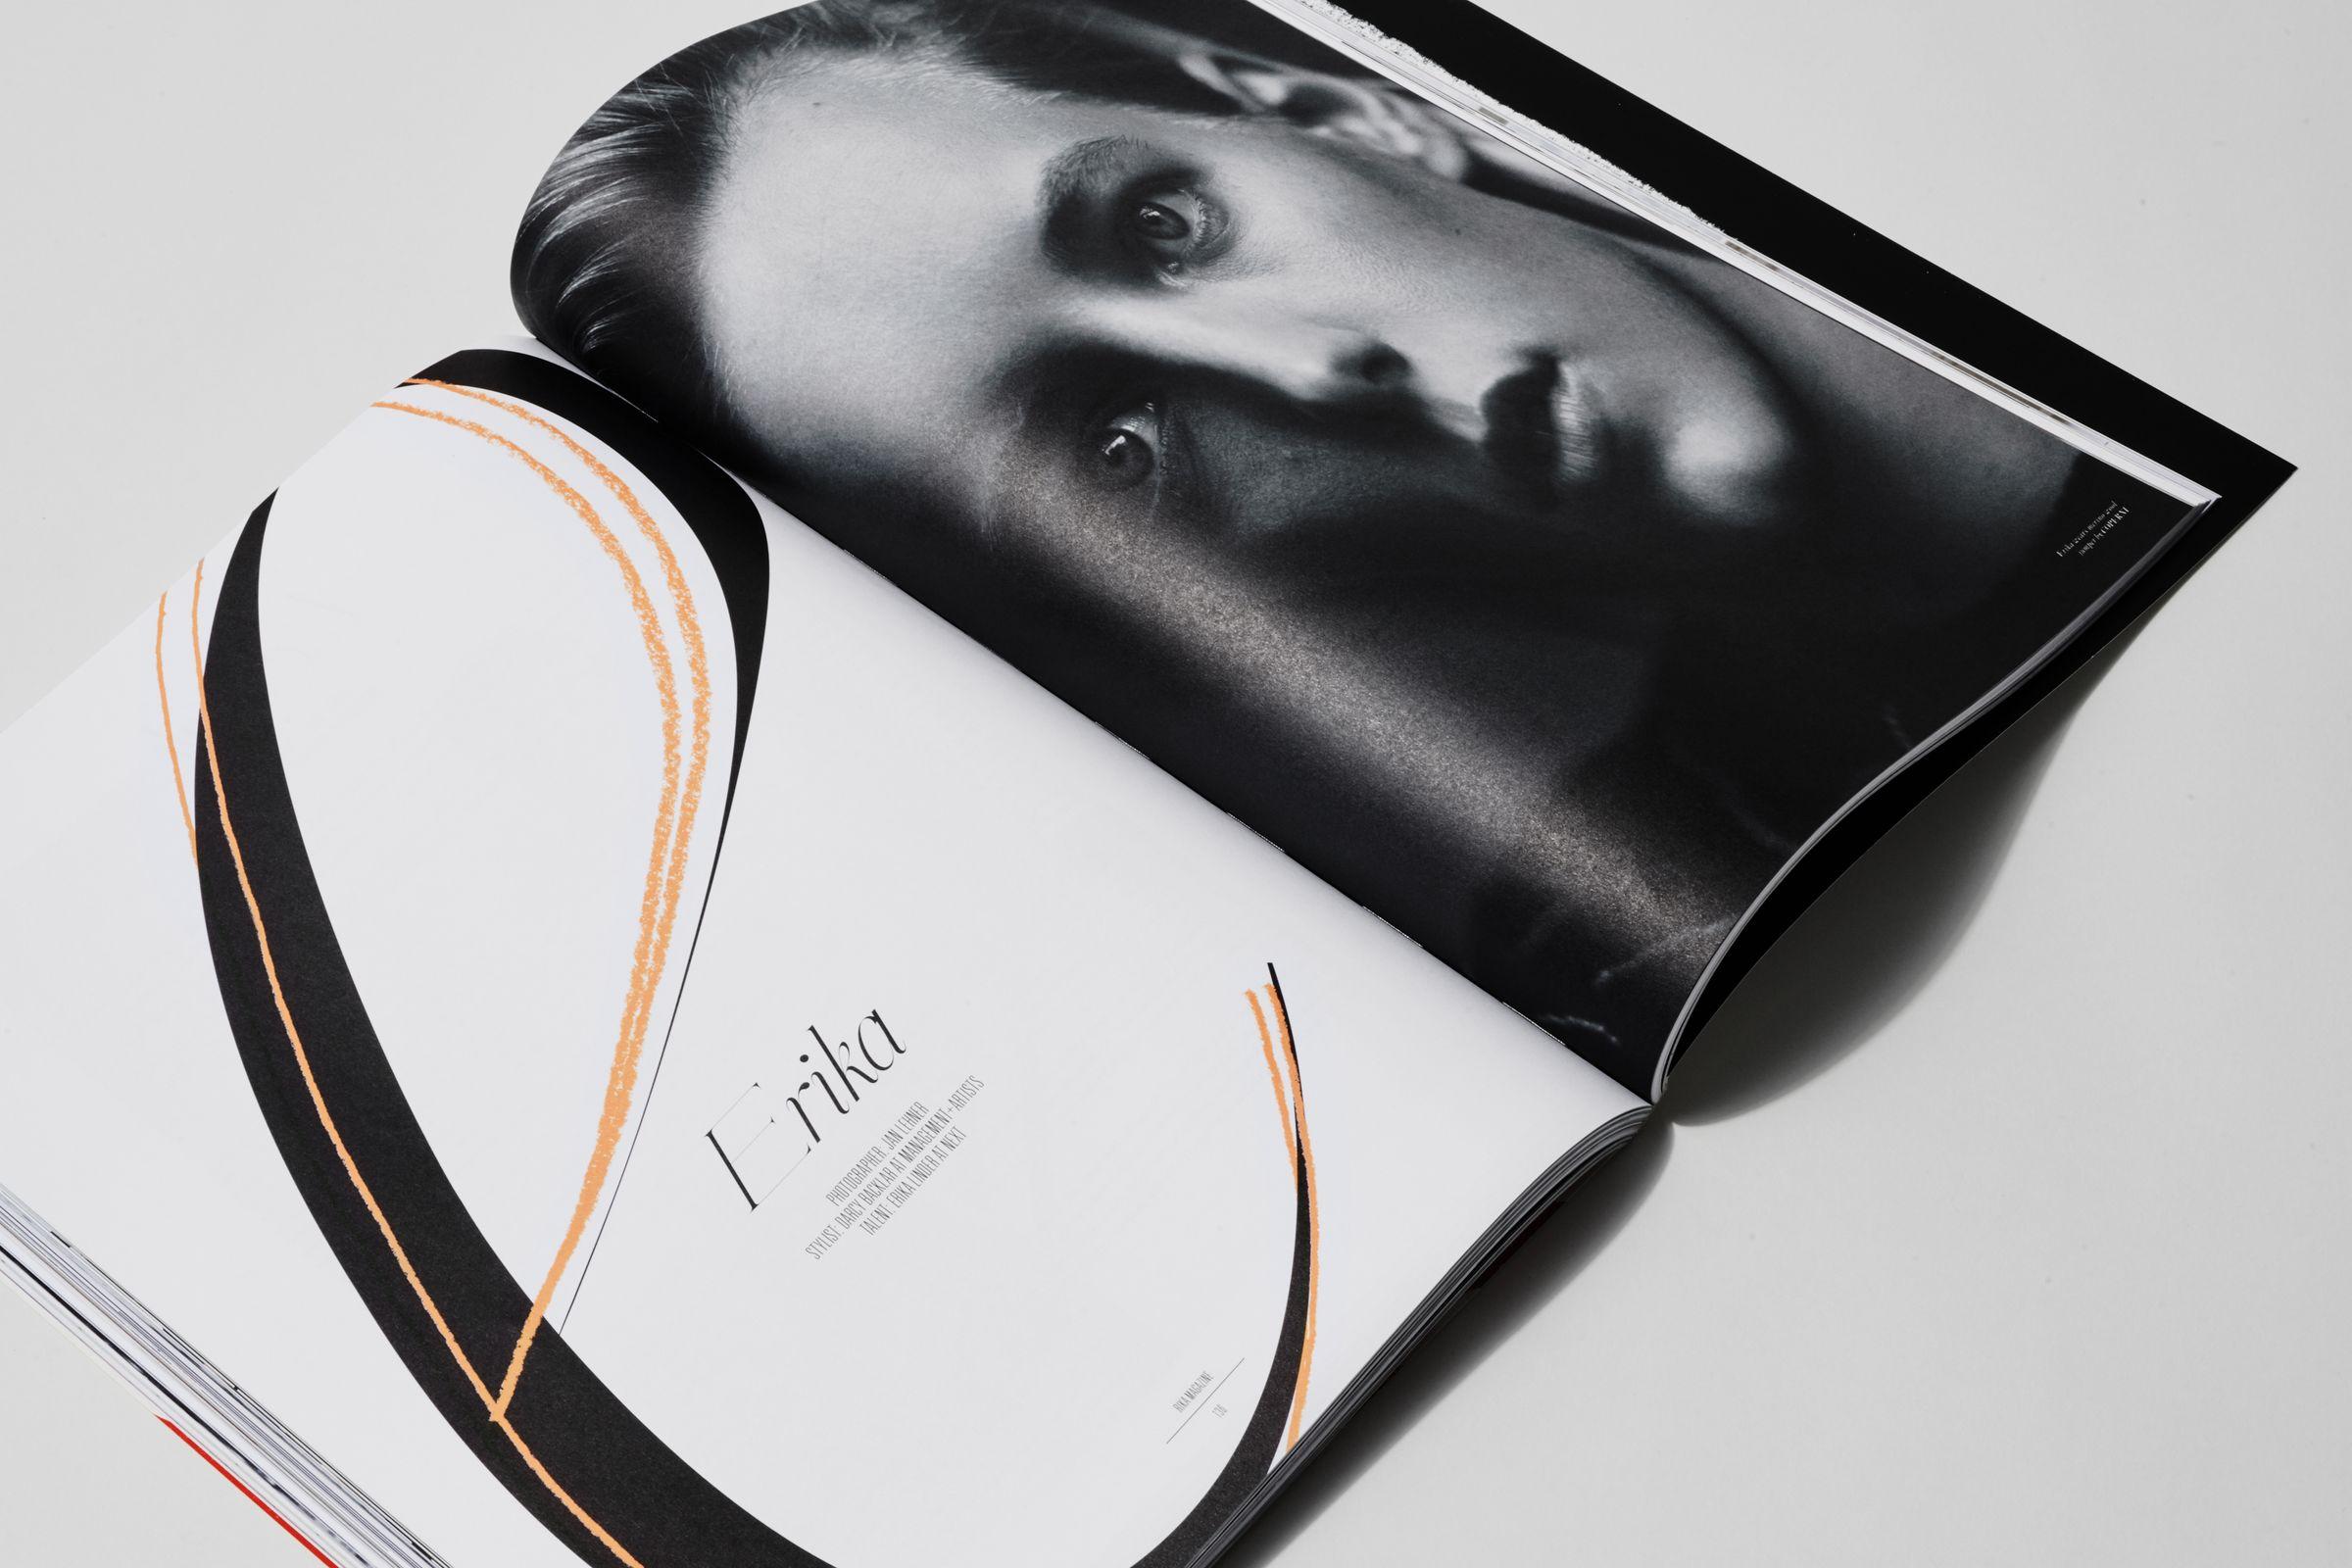 Rika Magazine issue no. 13 Erika Linder photographed by Jan Lehner